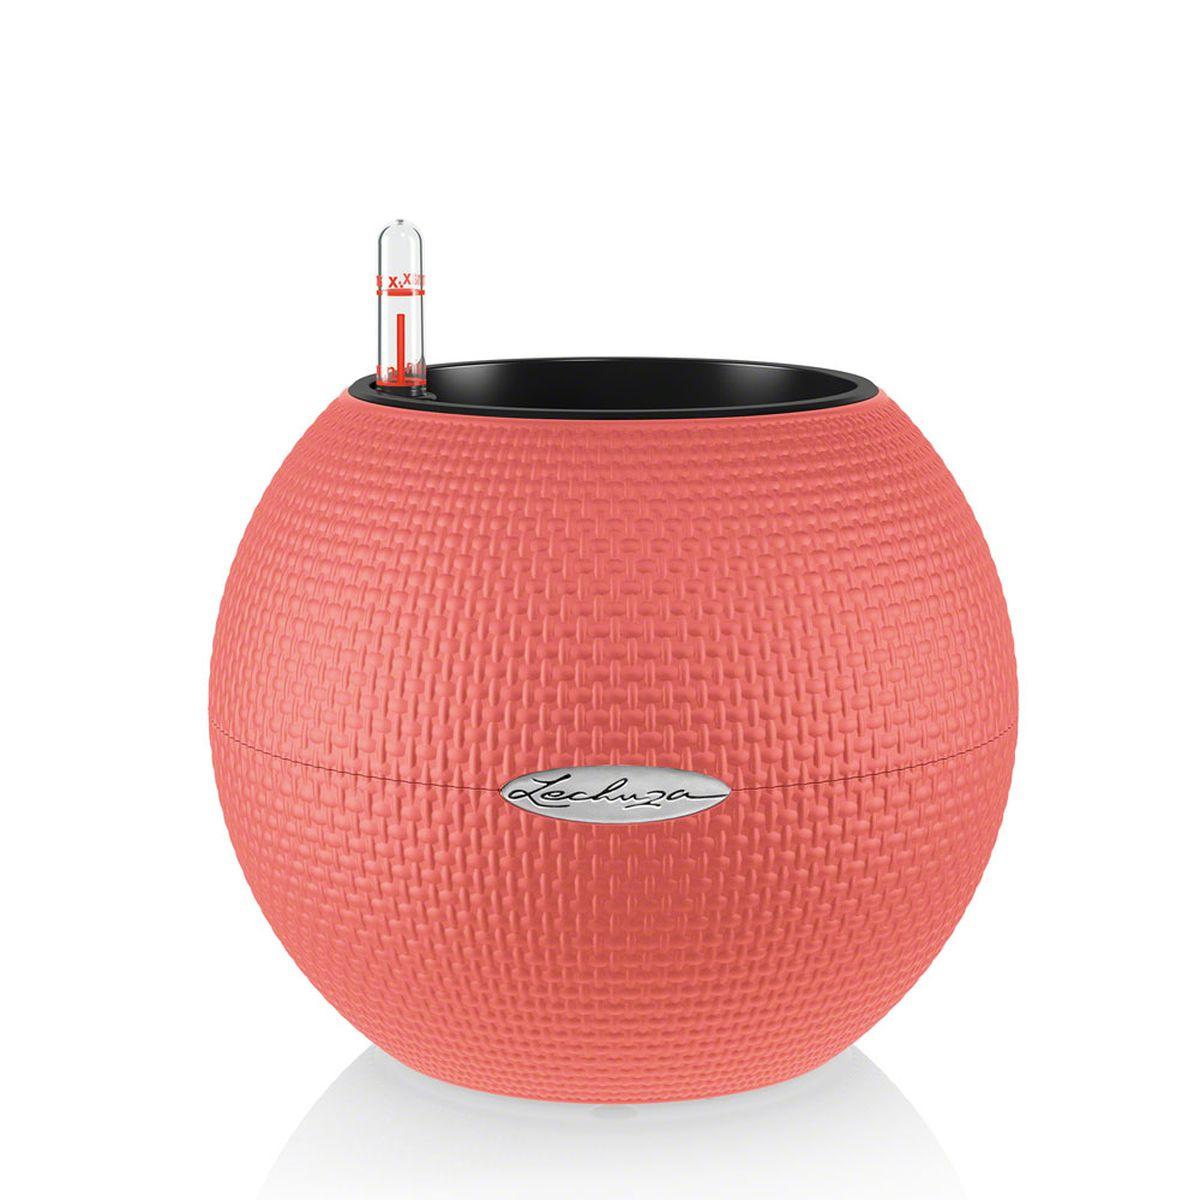 Кашпо Lechuza Color Puro, с системой автополива, цвет: коралловый, диаметр 20 см13368Круглое кашпо Lechuza Color Puro, выполненное из высококачественного пластика, имеет уникальную систему автополива, благодаря которой корневая система растения непрерывно снабжается влагой из резервуара. Уровень воды в резервуаре контролируется с помощью специального индикатора. В зависимости от размера кашпо и растения воды хватает на 2-12 недель. Это способствует хорошему росту цветов и предотвращает переувлажнение. В набор входит: кашпо, внутренний горшок, индикатор уровня воды, резервуар для воды. Внутренний горшок, оснащенный выдвижными ручками, обеспечивает: - легкую переноску даже высоких растений; - легкую смену растений; - можно также просто убрать растения на зиму; - винт в днище позволяет стечь излишней дождевой воде наружу. Кашпо Lechuza Color Puro прекрасно впишется в интерьер больших холлов, террас ресторанов и уютных гостиных. Изделие поможет расставить нужные акценты и придаст помещению вид, соответствующий...